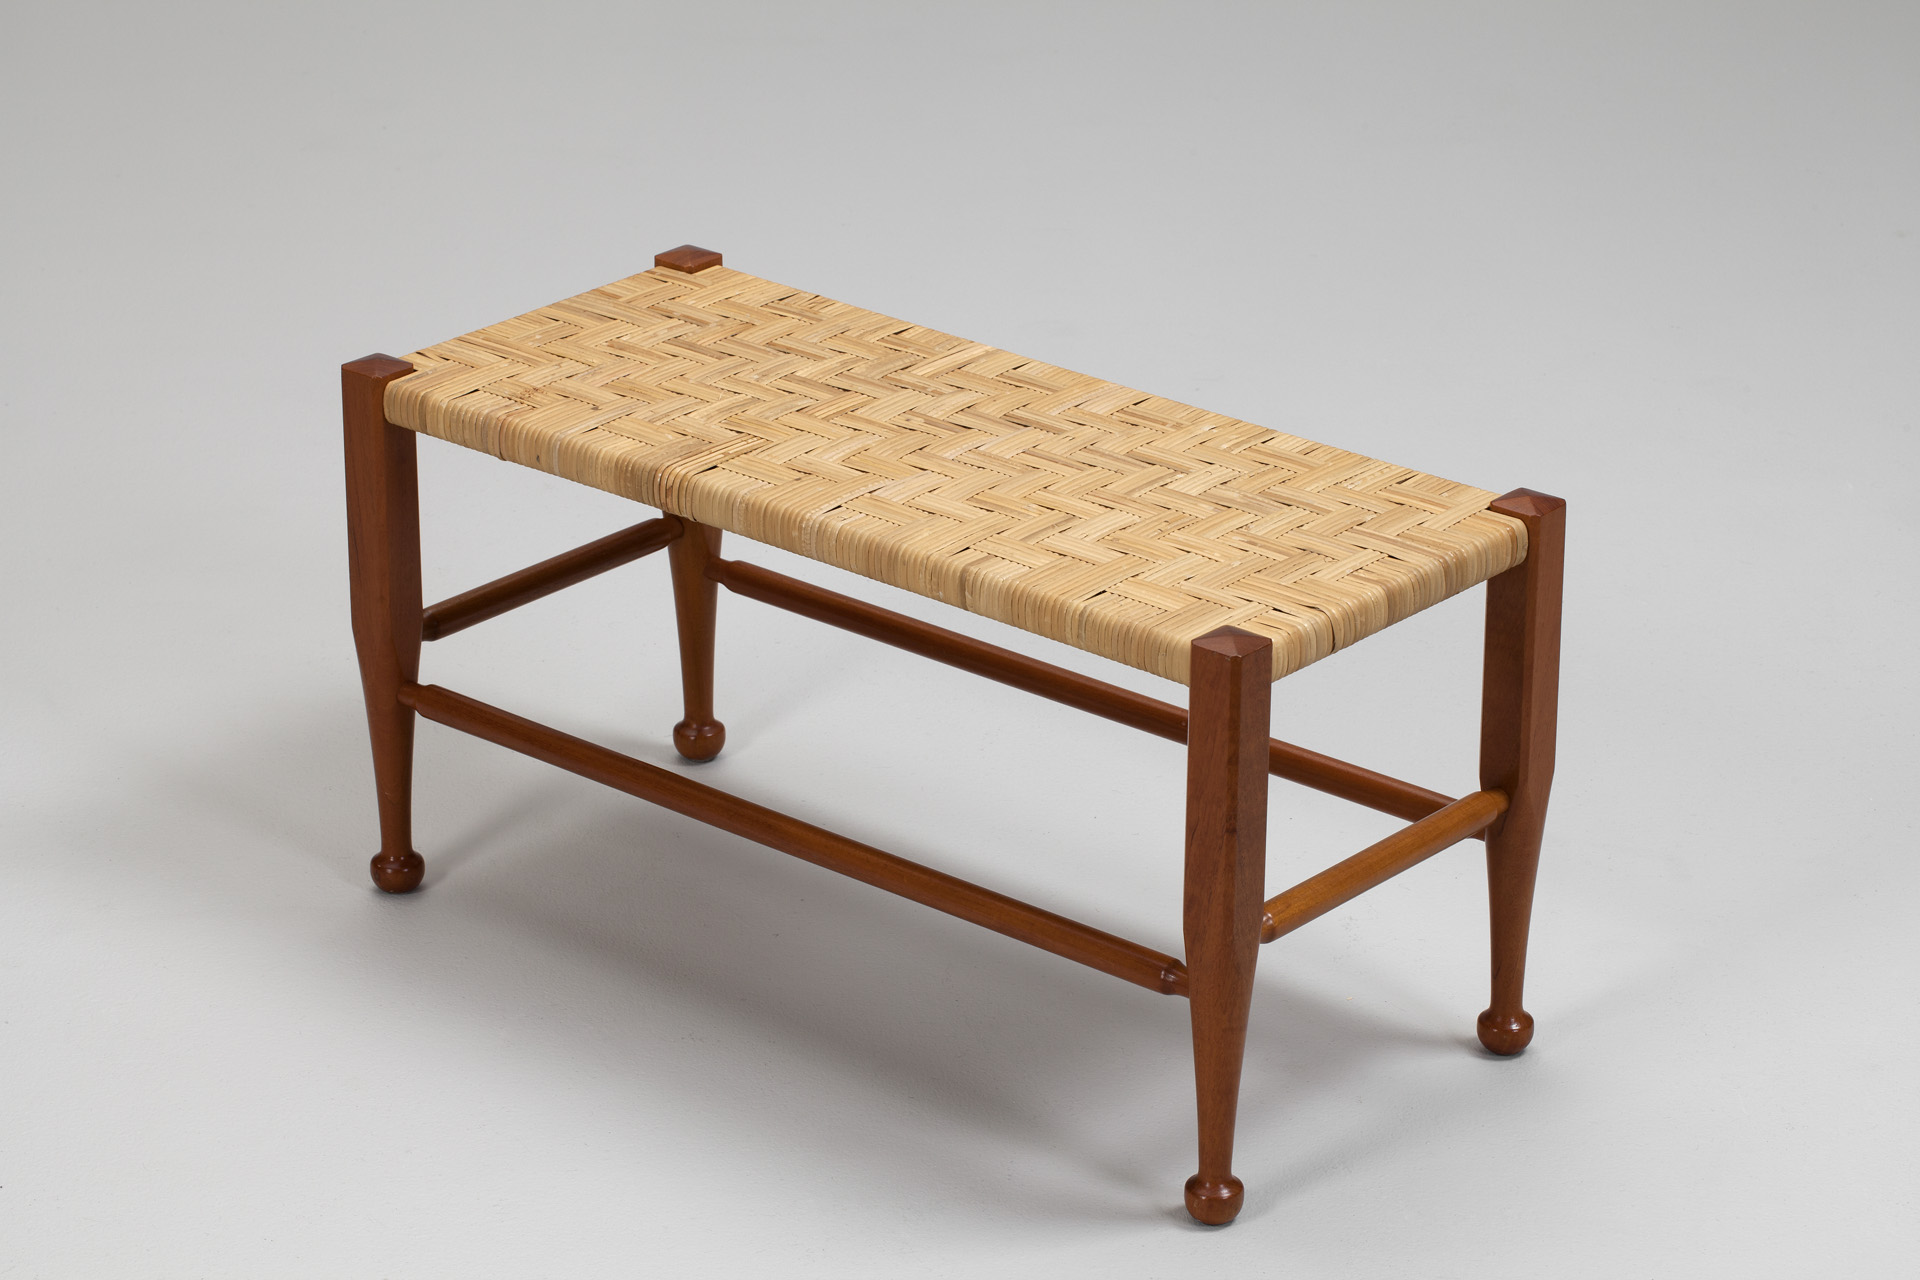 453220050 1940 Furniture Design S Inlaid